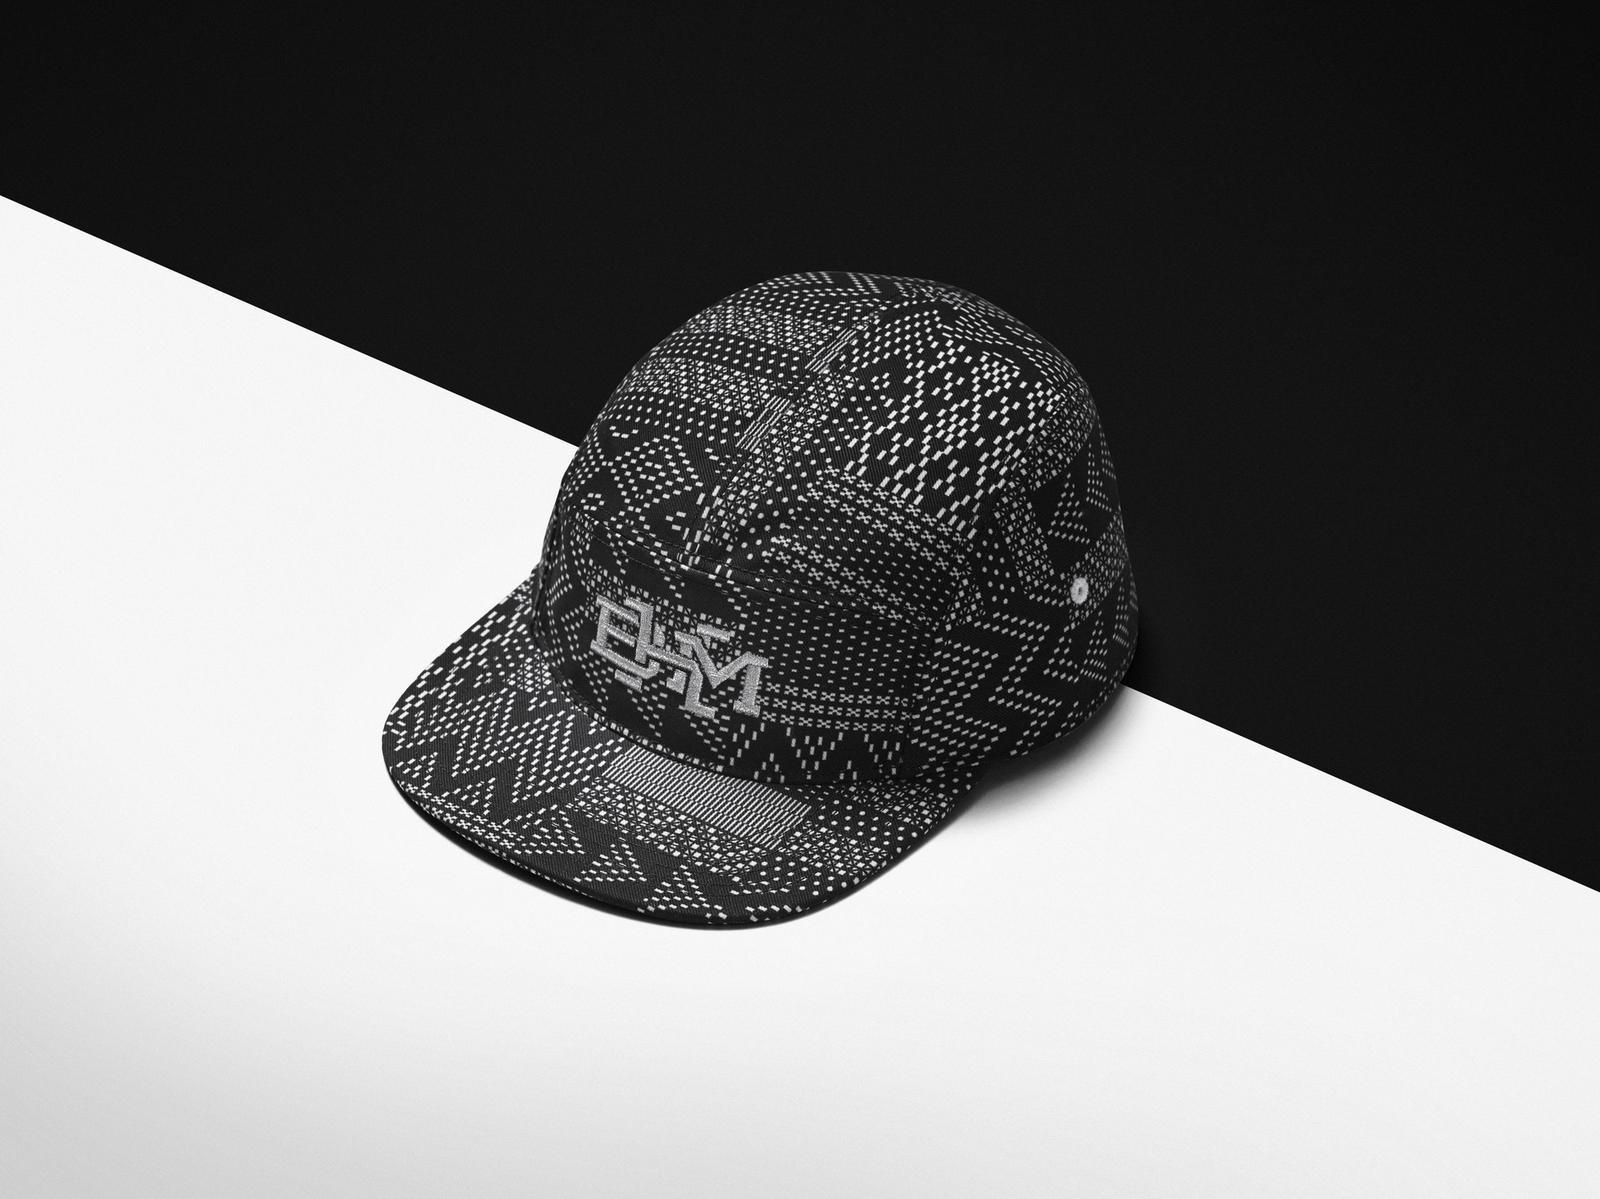 Nike_SP15_BHM_PATTERN_HAT_Final